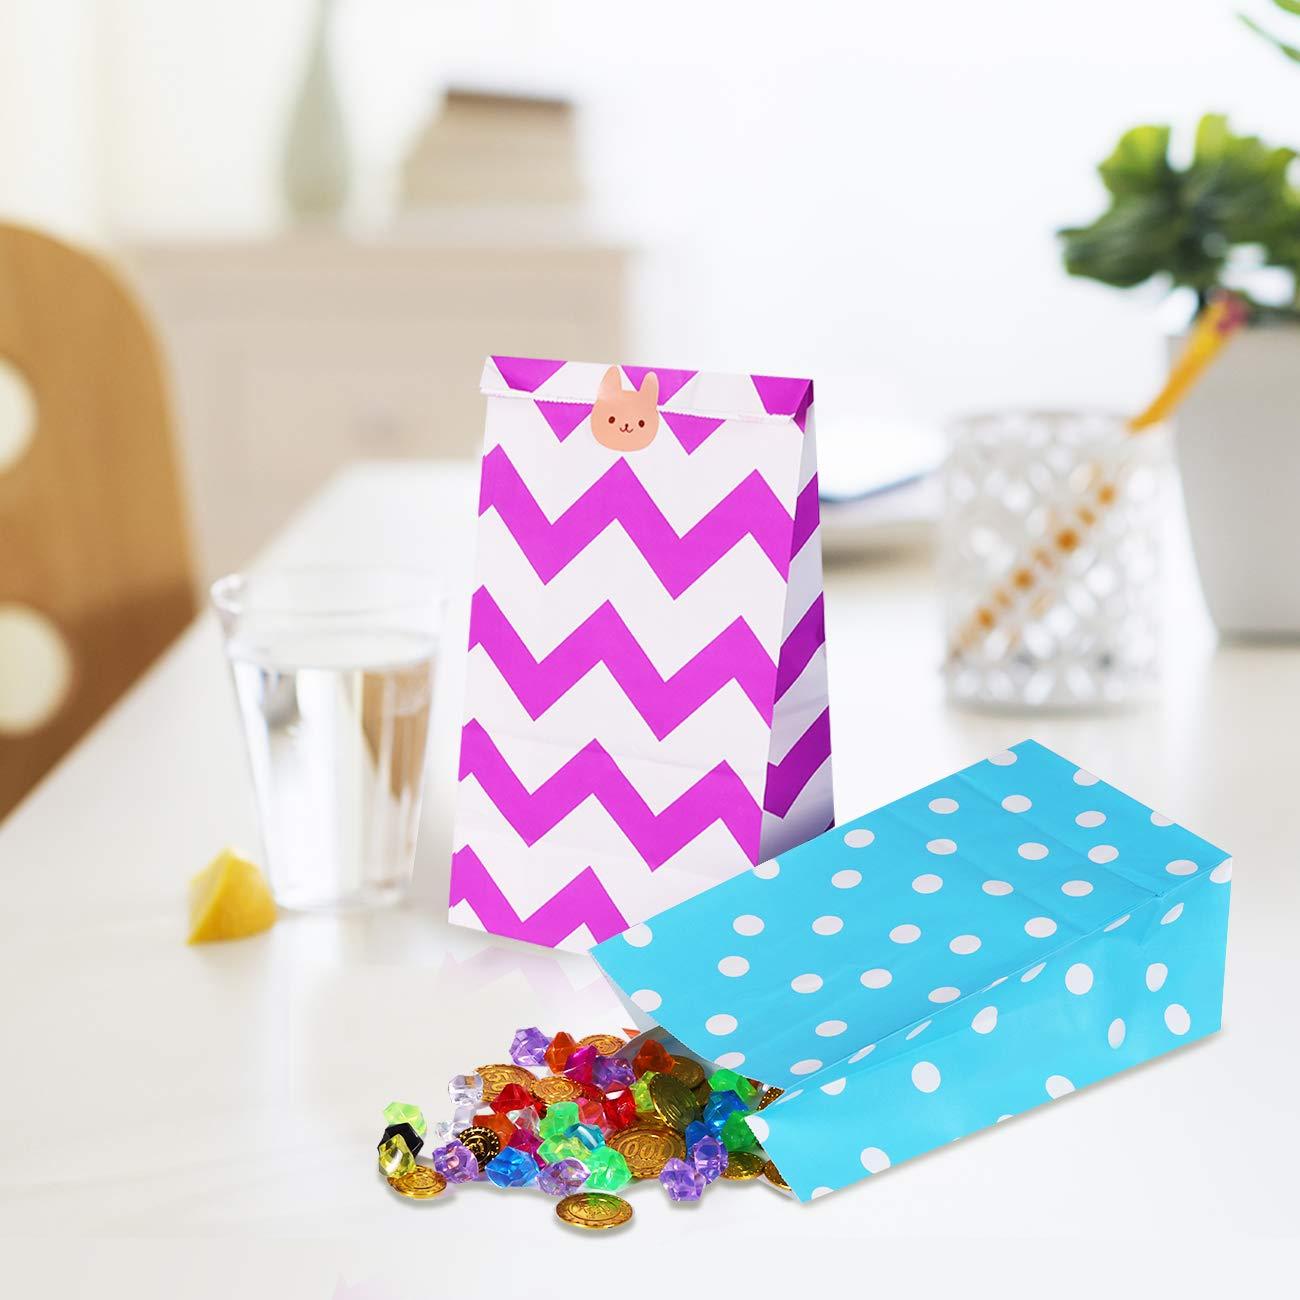 Caramella Sacchetti di Carta JOYUE 40 Pezzi Sacchetti Regalo Sacchetto di Carta Kraft con 72 Adesivo Coniglio per Compleanno Feste Battesimo del Bambino Matrimoni Cerimonie